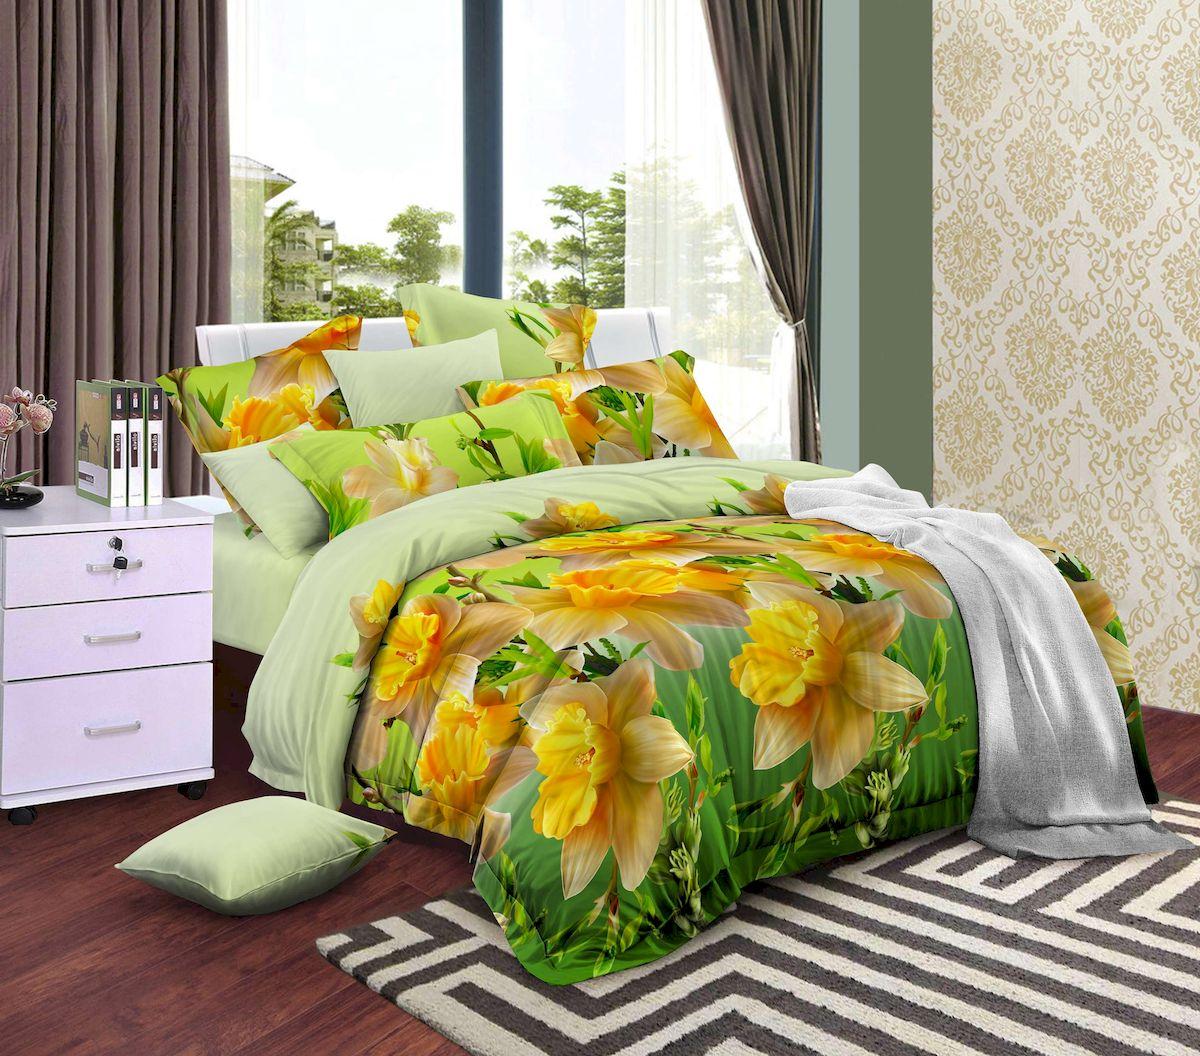 Комплект белья Amore Mio Narcis, 2-спальный, наволочки 70х70, цвет: зеленый79265Весенние нарцисы на насыщенном салатовом фоне! Amore Mio – Комфорт и Уют - Каждый день! Amore Mio предлагает оценить соотношению цены и качества коллекции. Разнообразие ярких и современных дизайнов прослужат не один год и всегда будут радовать Вас и Ваших близких сочностью красок и красивым рисунком. Мако-сатина - Свежее решение, для уюта на даче или дома, созданное с любовью для вашего комфорта и отличного настроения! Нано-инновации позволили открыть новую ткань, полученную, в результате высокотехнологического процесса, сочетает в себе широкий спектр отличных потребительских характеристик и невысокой стоимости. Легкая, плотная, мягкая ткань, приятна и практична с эффектом персиковой кожуры. Отлично стирается, гладится, быстро сохнет. Дисперсное крашение, великолепно передает качество рисунков, и необычайно устойчива к истиранию. Процесс ворсования поверхности придает полотну дополнительную нежность шелка и дарит необычайно сладкую негу тактильных удовольствий.